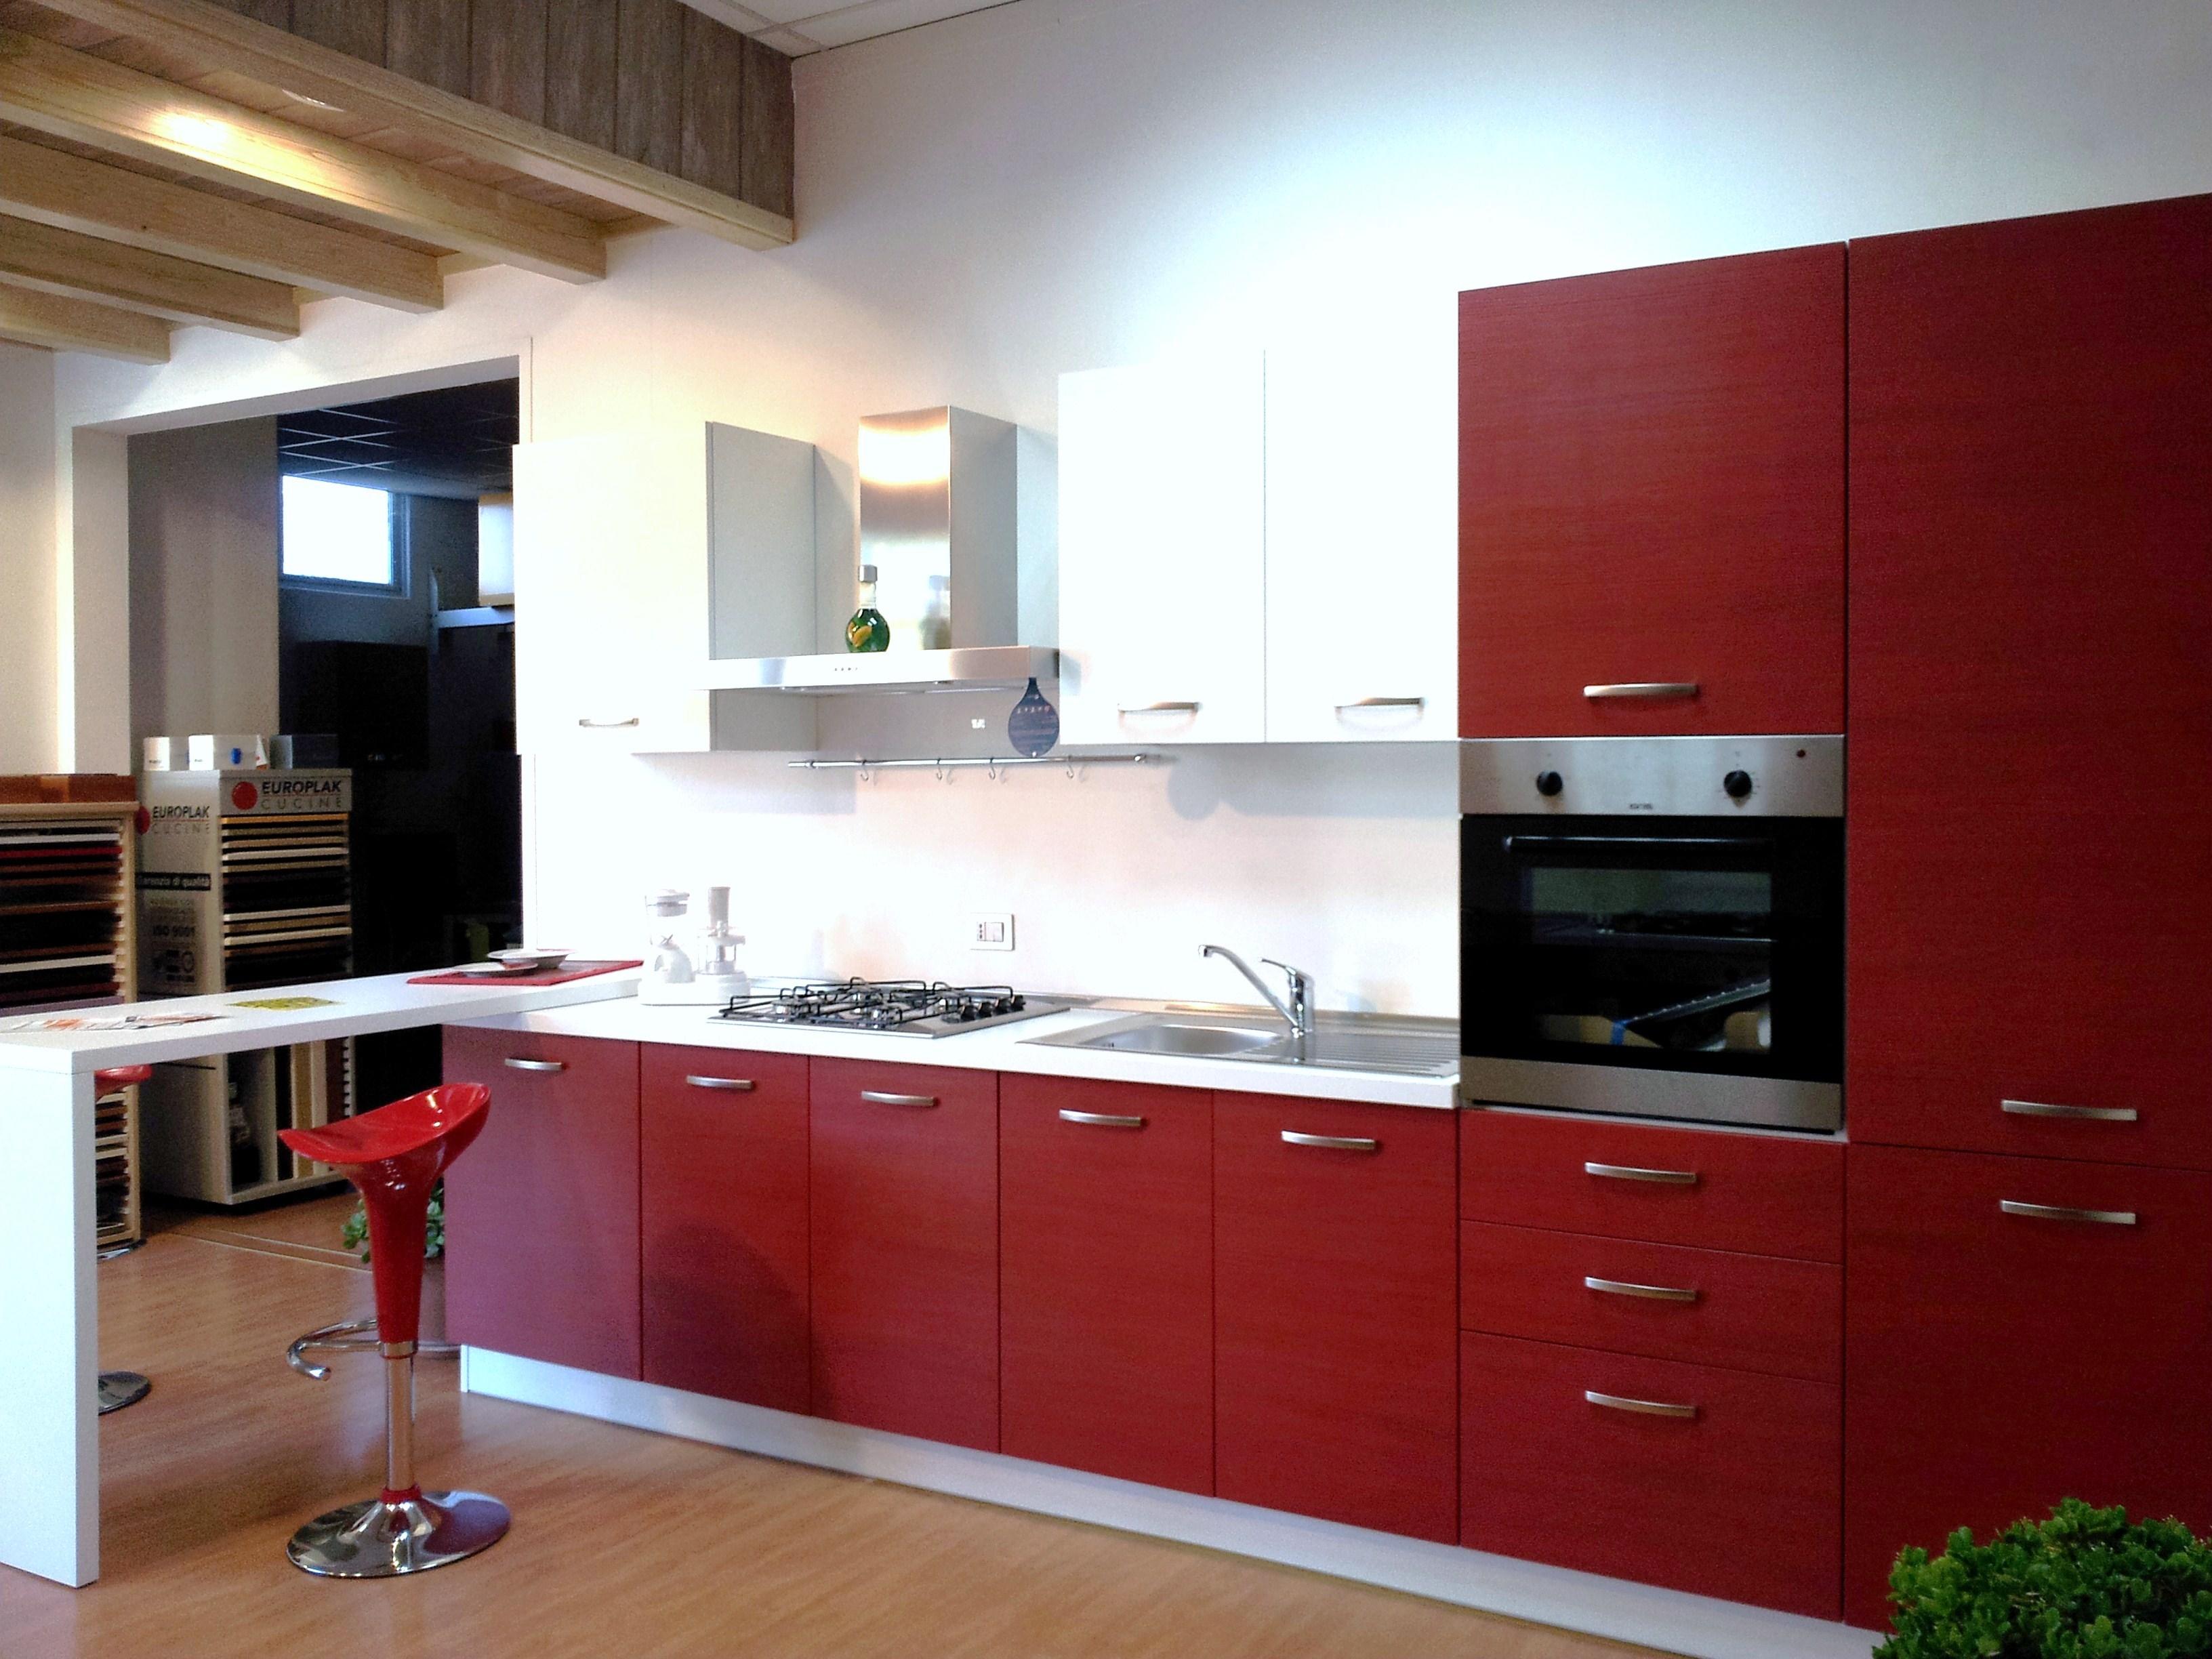 Cucina moderna con penisola cucine a prezzi scontati - Cucina componibile prezzi ...